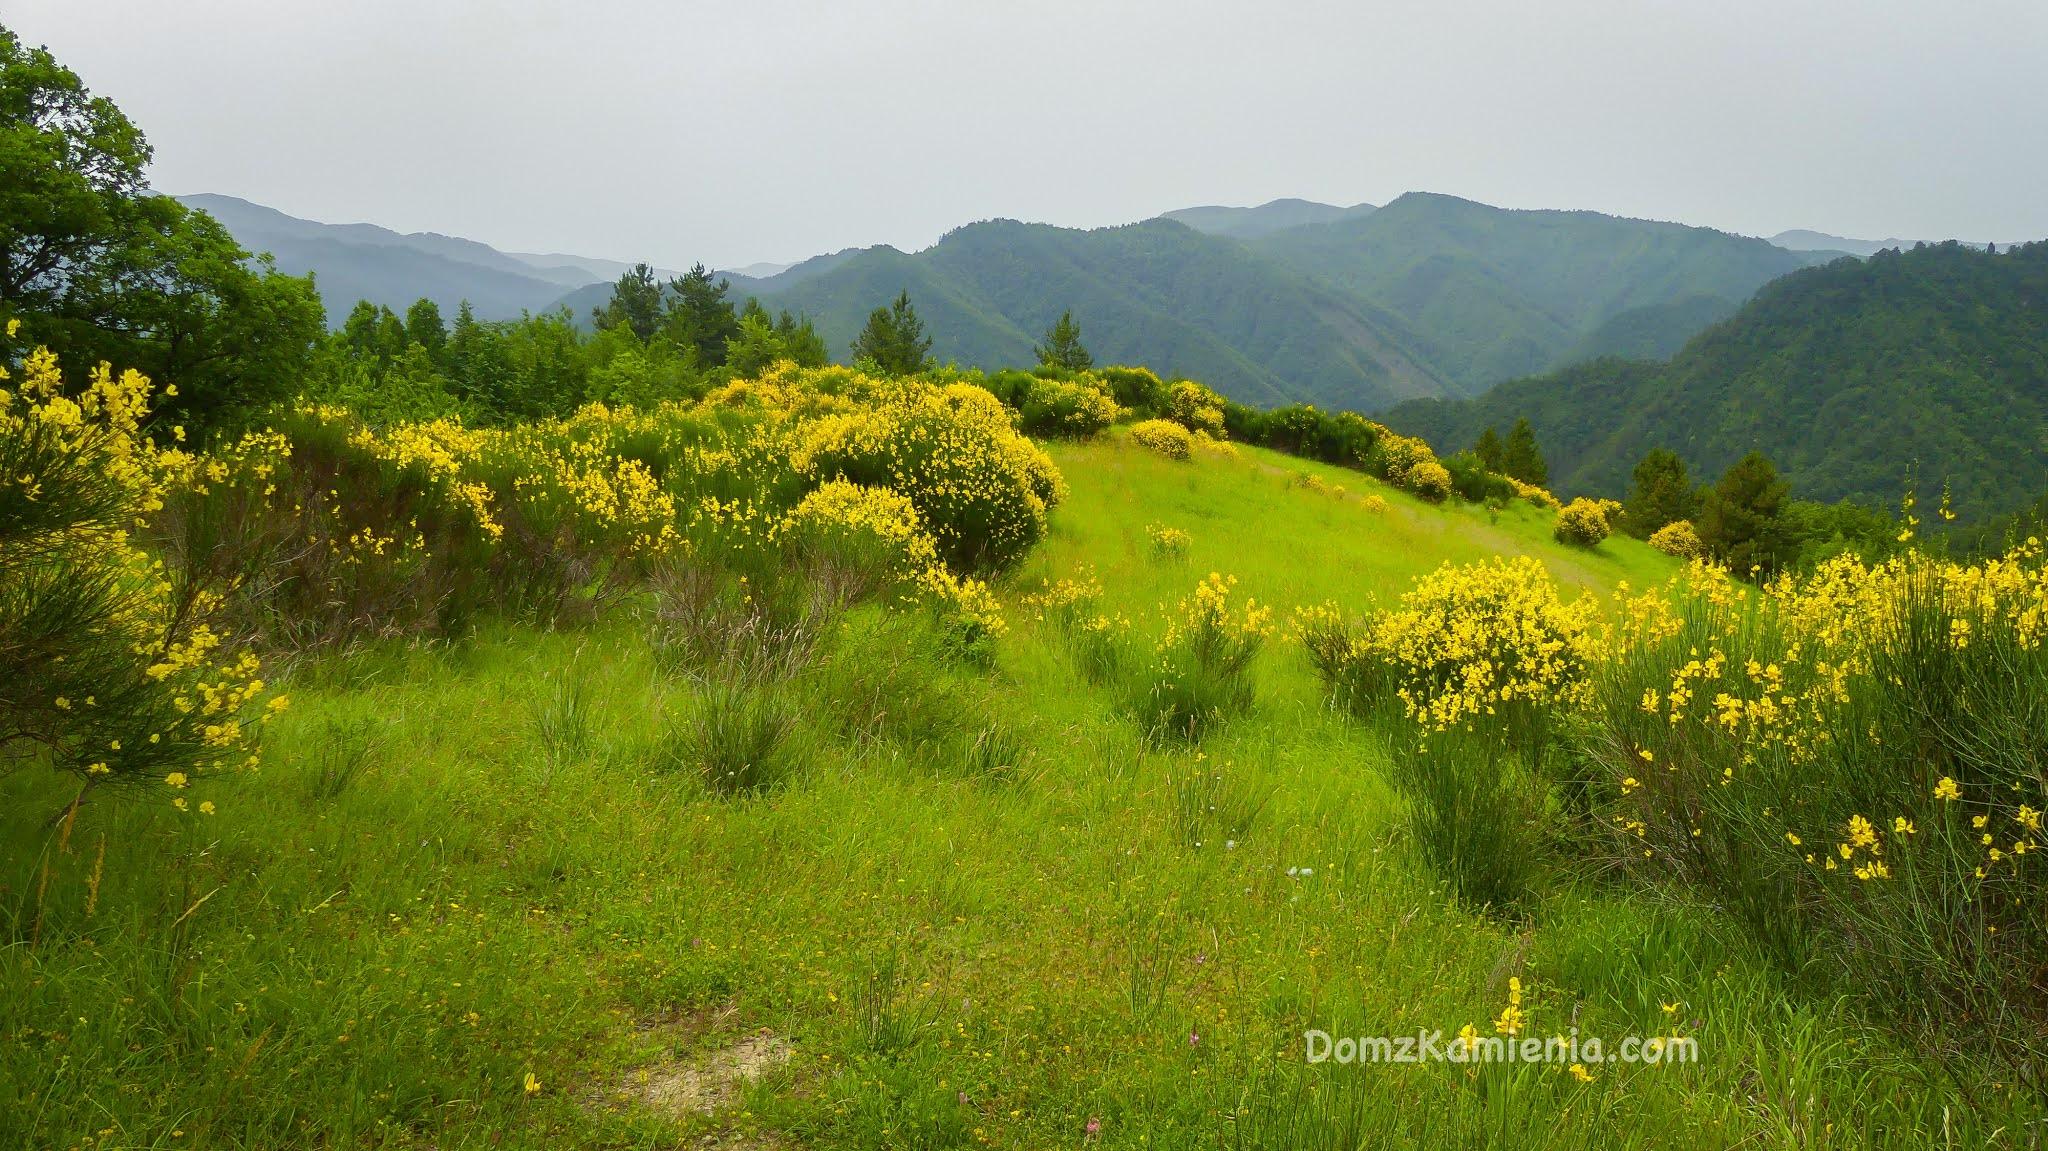 Biforco, trekking z Domem z Kamienia